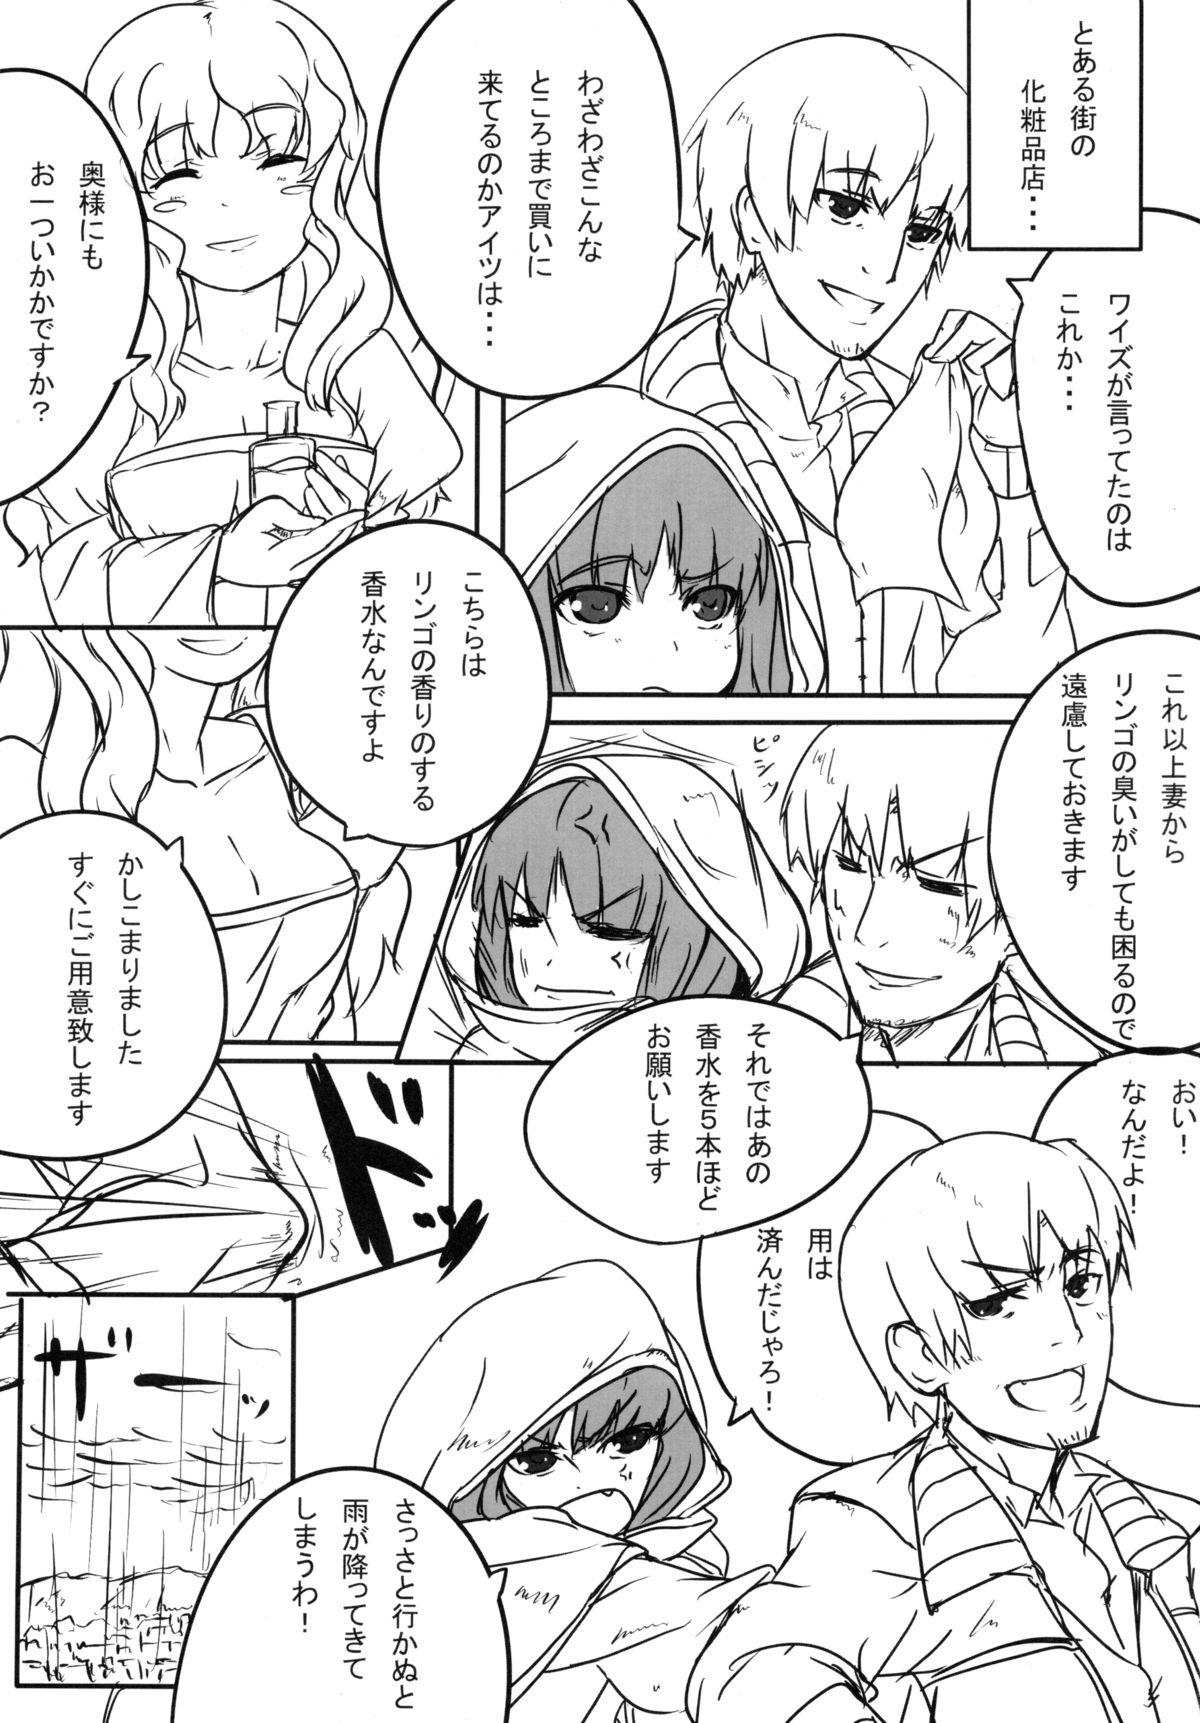 Ookamito Koushinryou IIKB 4